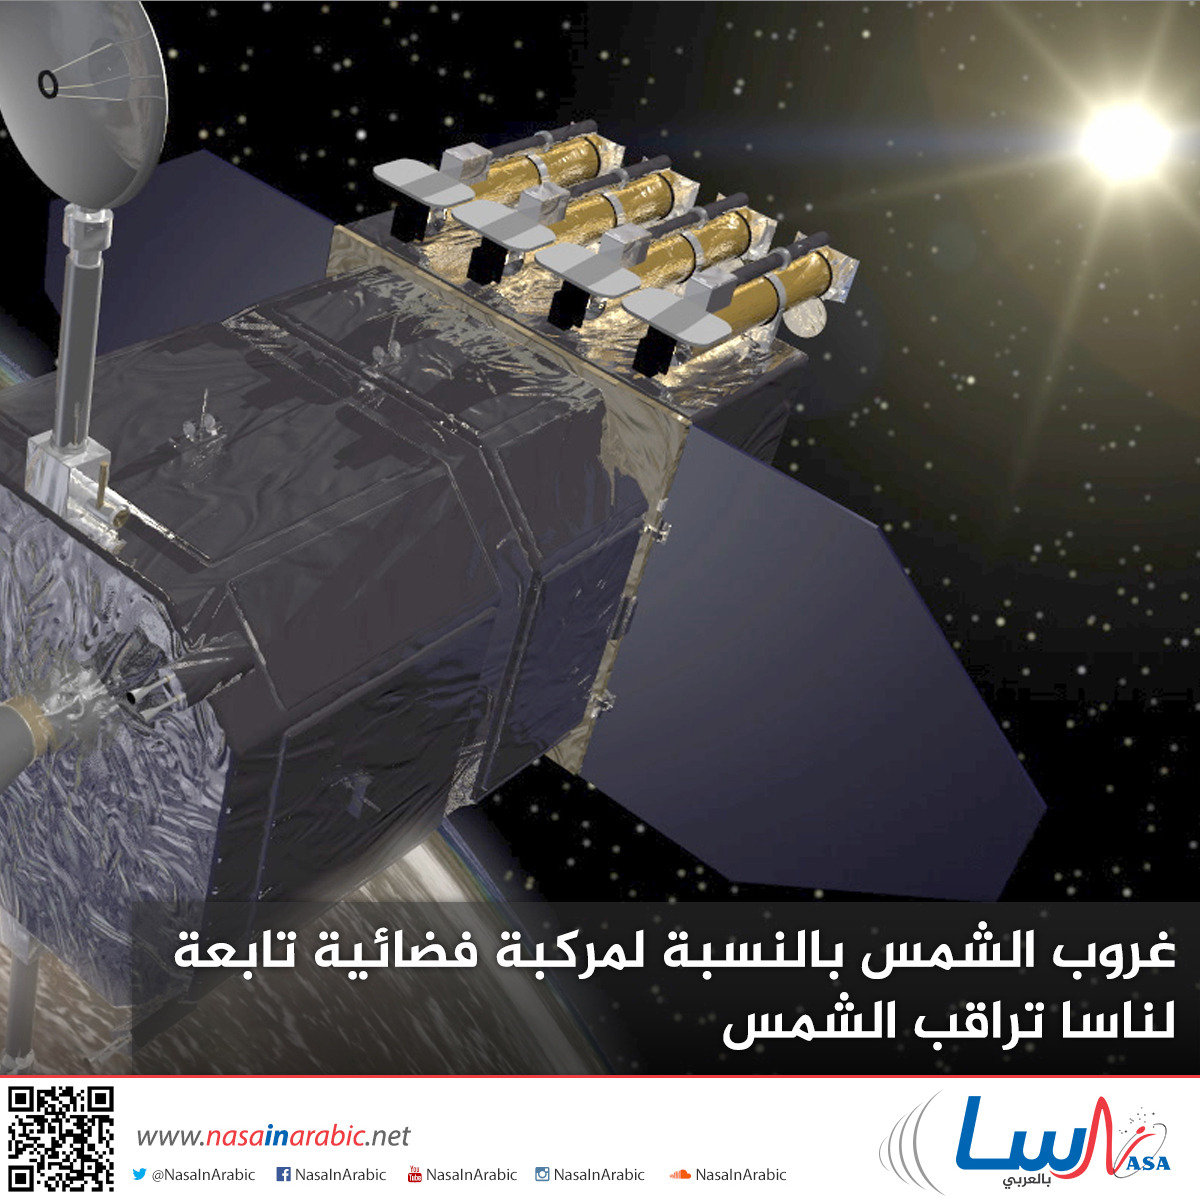 غروب الشمس بالنسبة لمركبة فضائية تابعة لناسا تراقب الشمس